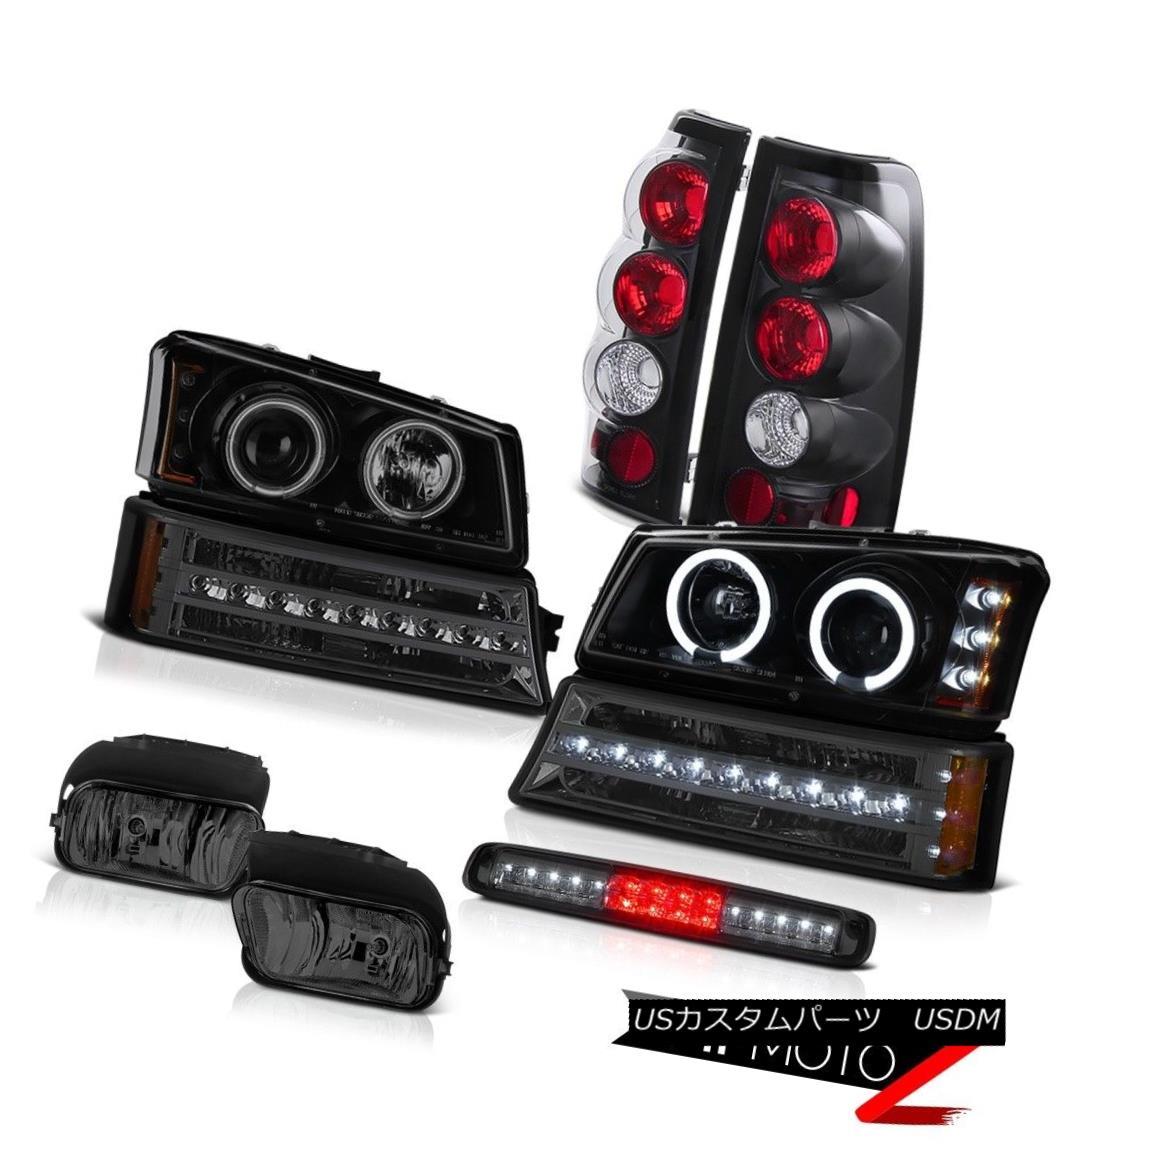 ヘッドライト 03-06 Silverado Smoked Foglamps 3RD Brake Light Signal Lamp Headlamps Tail Lamps 03-06 Silveradoスモークフォグランプ3RDブレーキライト信号ランプヘッドランプテールランプ